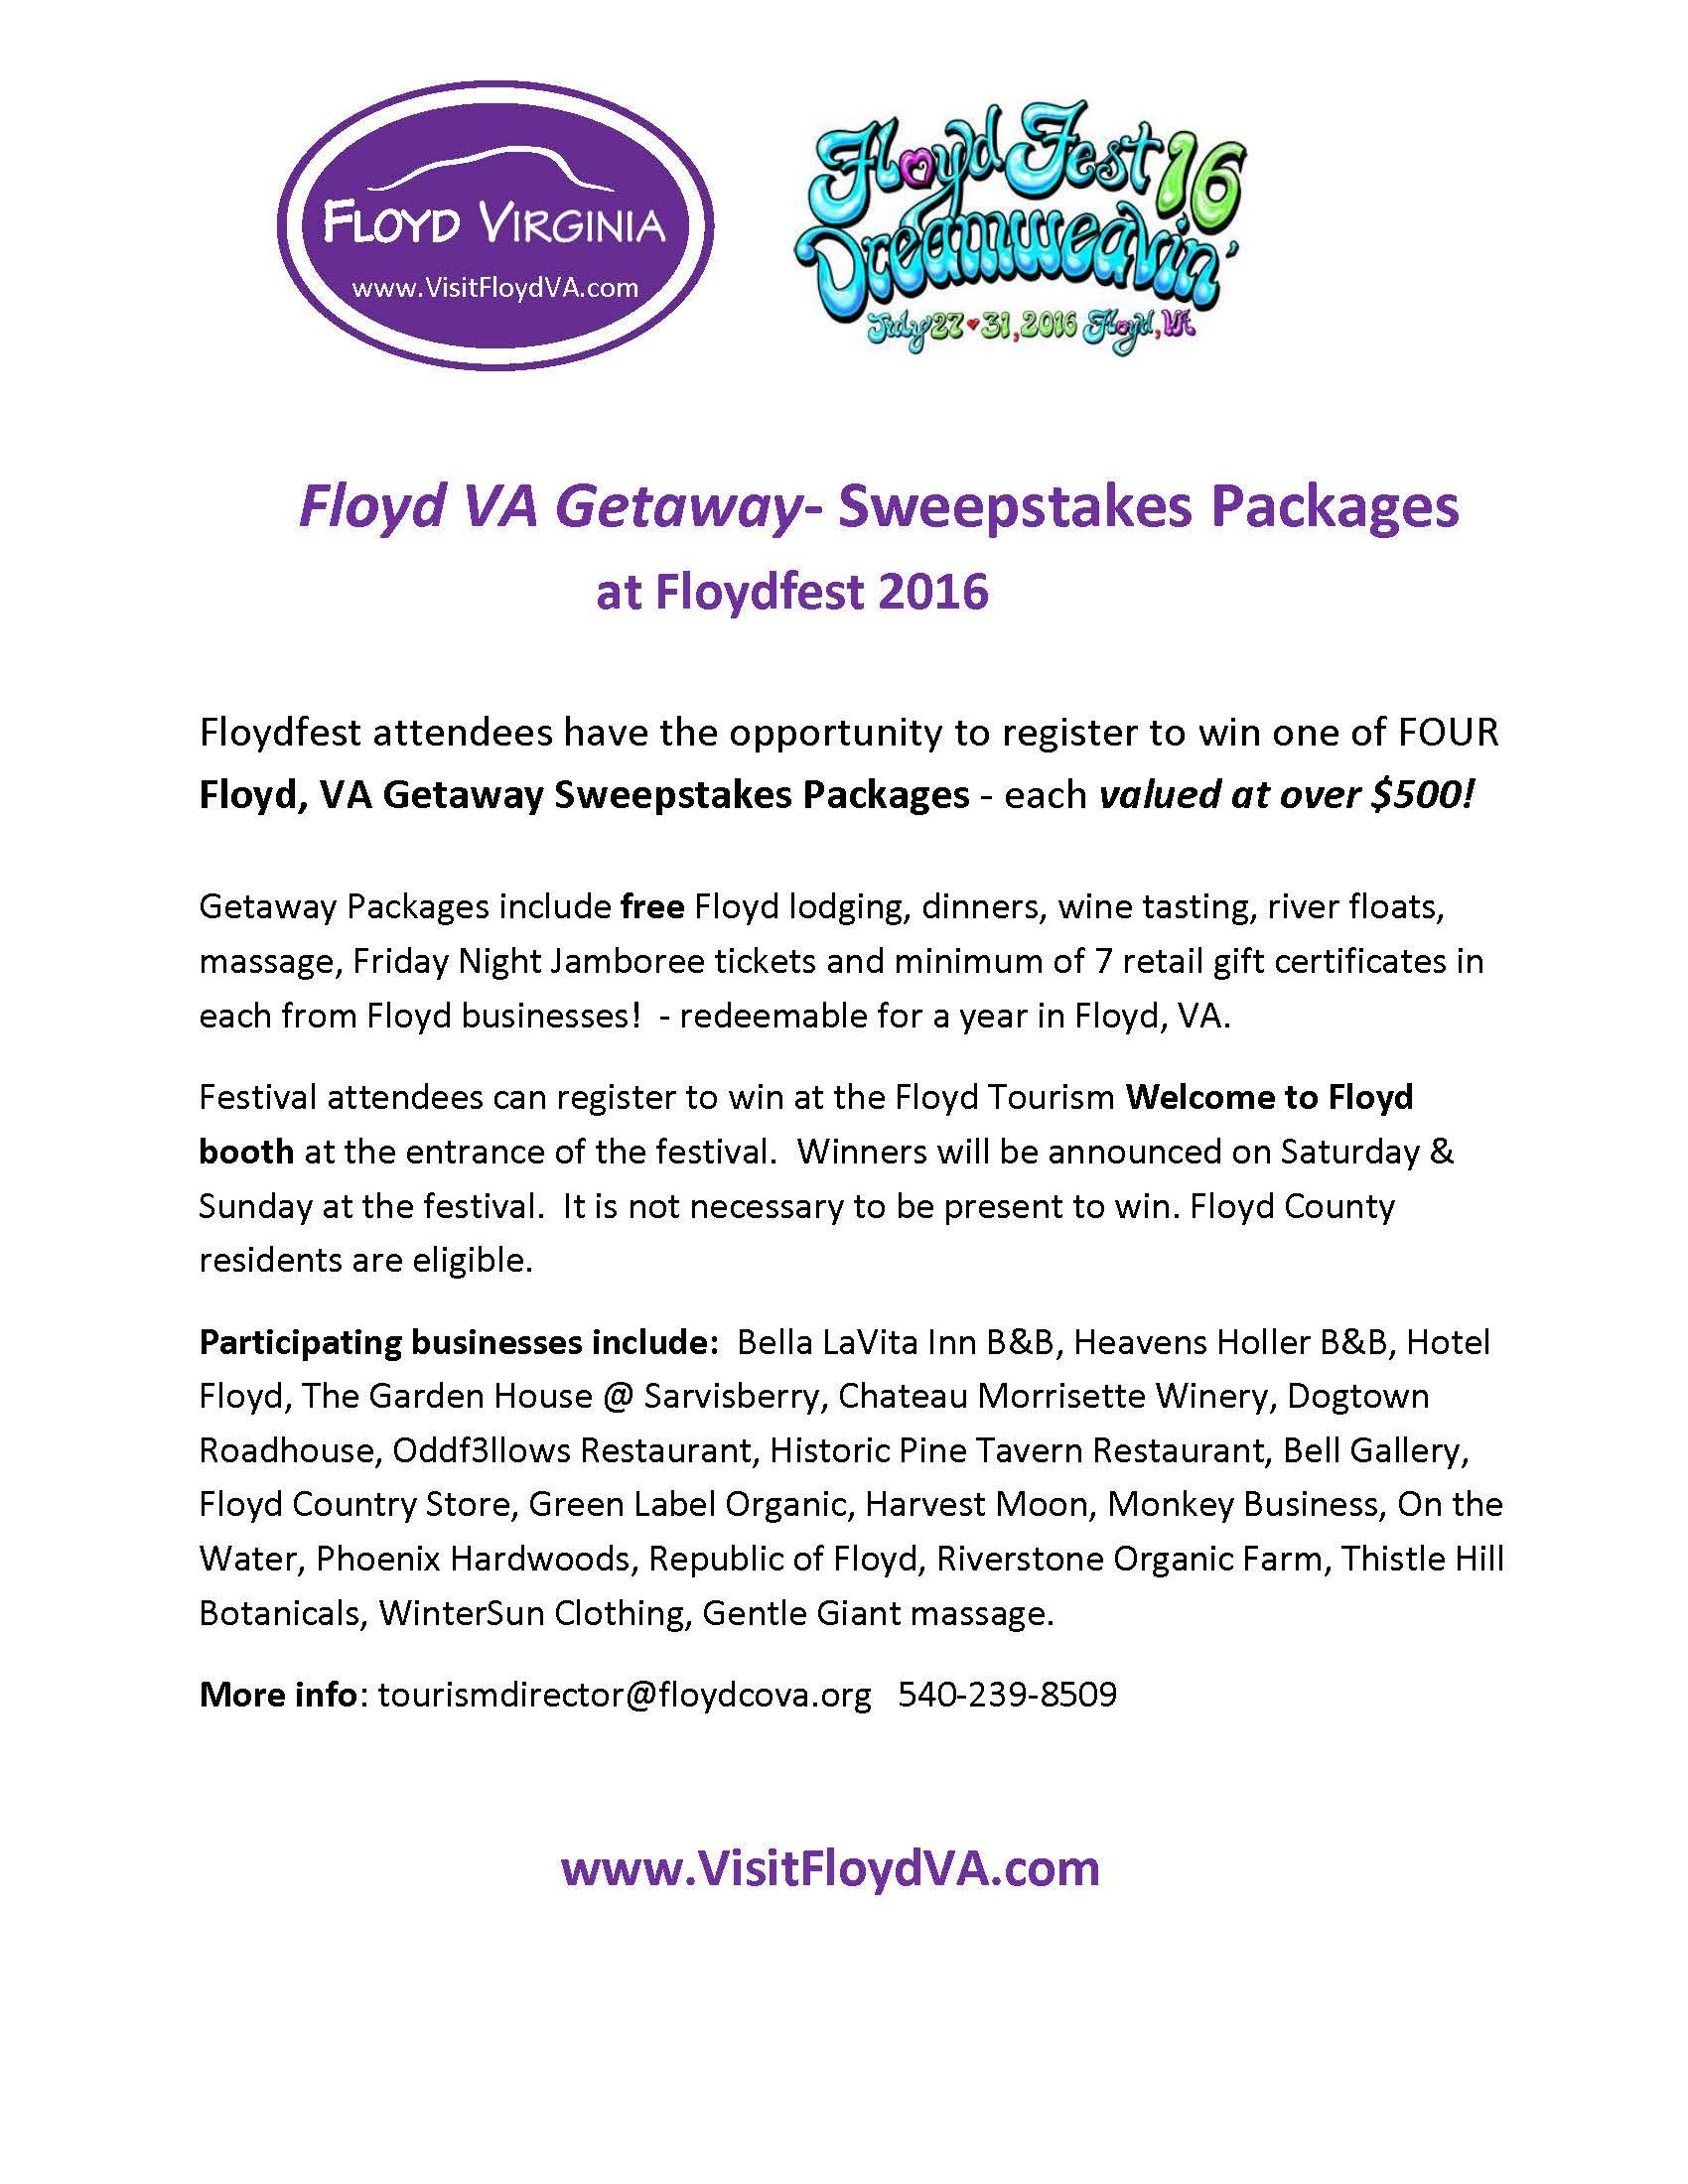 Getaway Packages PR Floydfest 2016